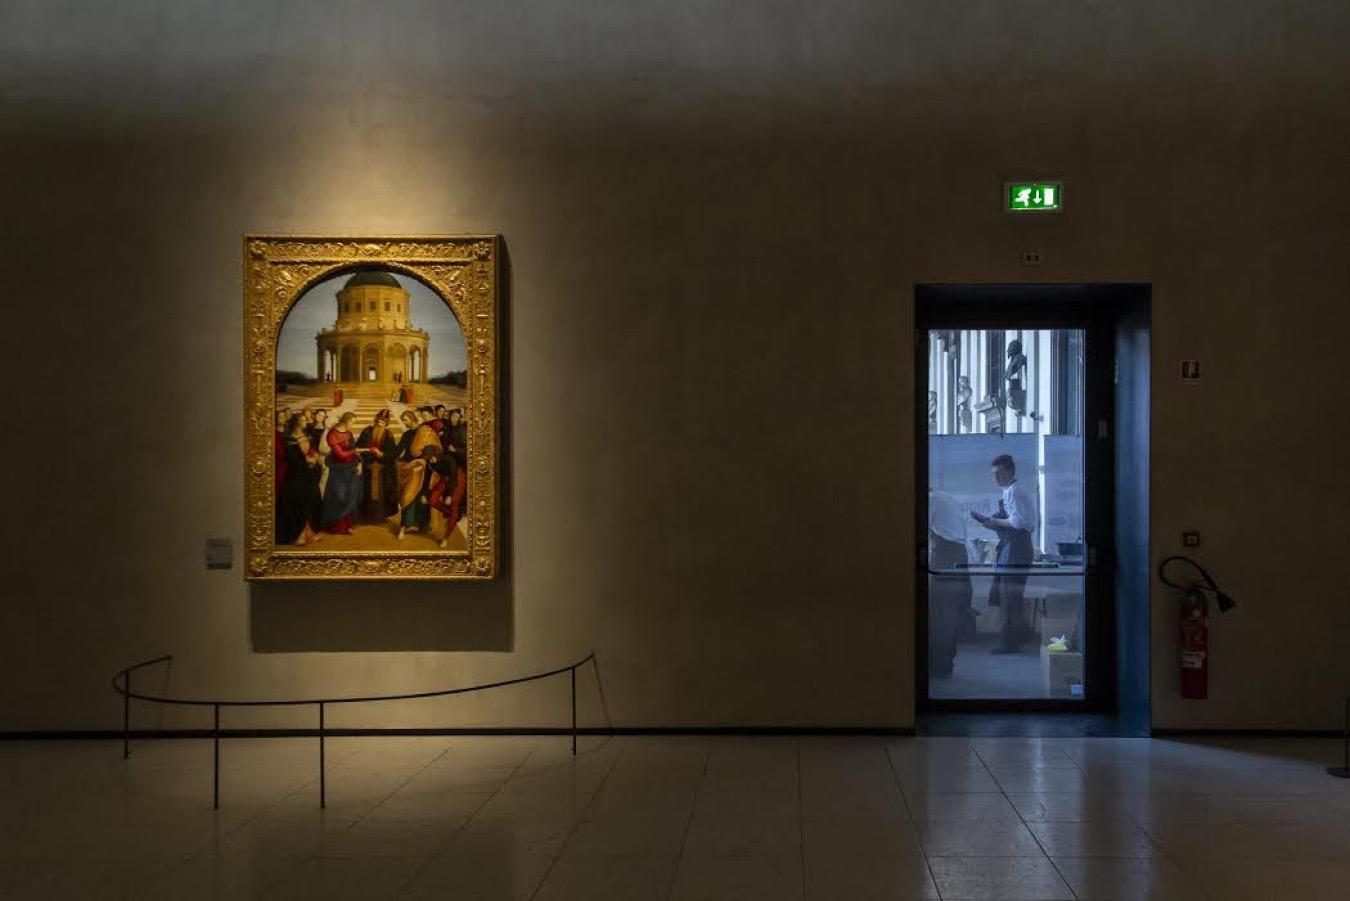 Vista de la sala de un museo, donde se ve un cuadro colgado